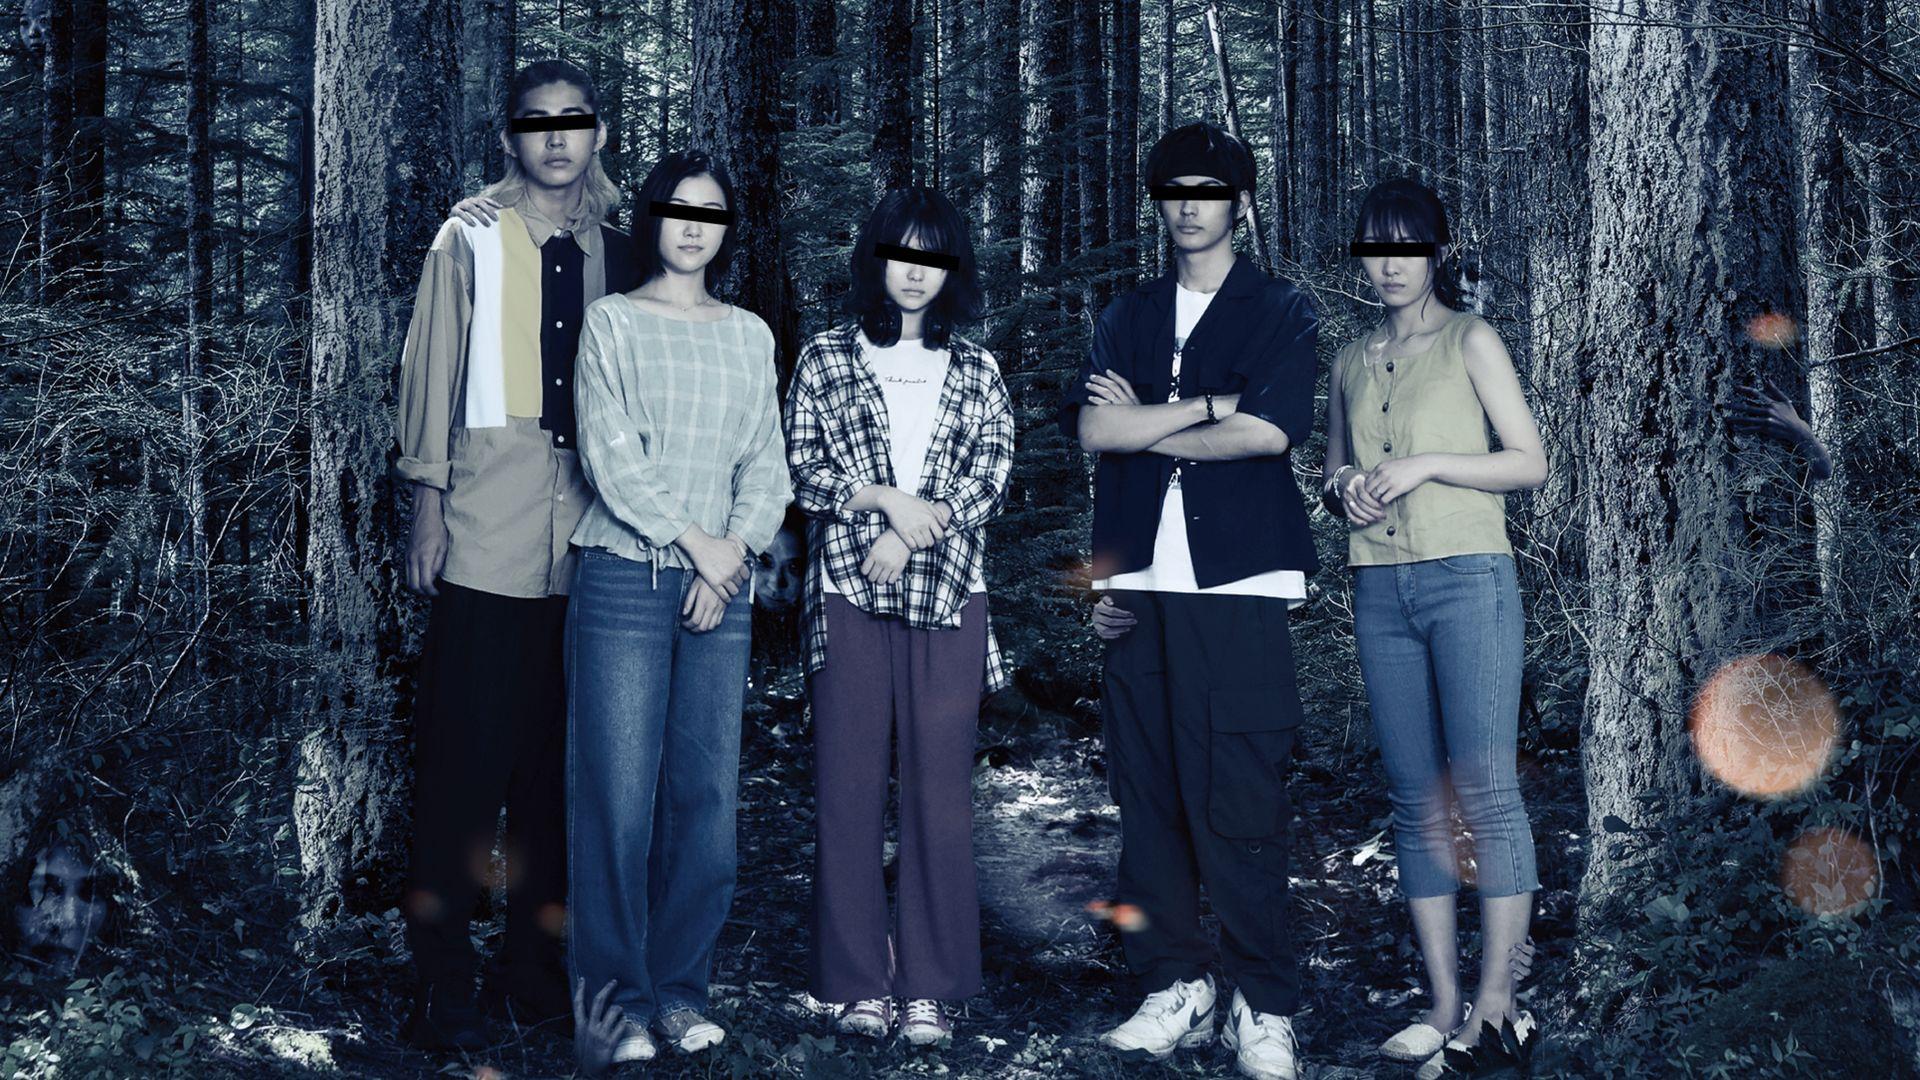 【映画】もうソロキャンプには行けない?樹海や森でパニック映画特集